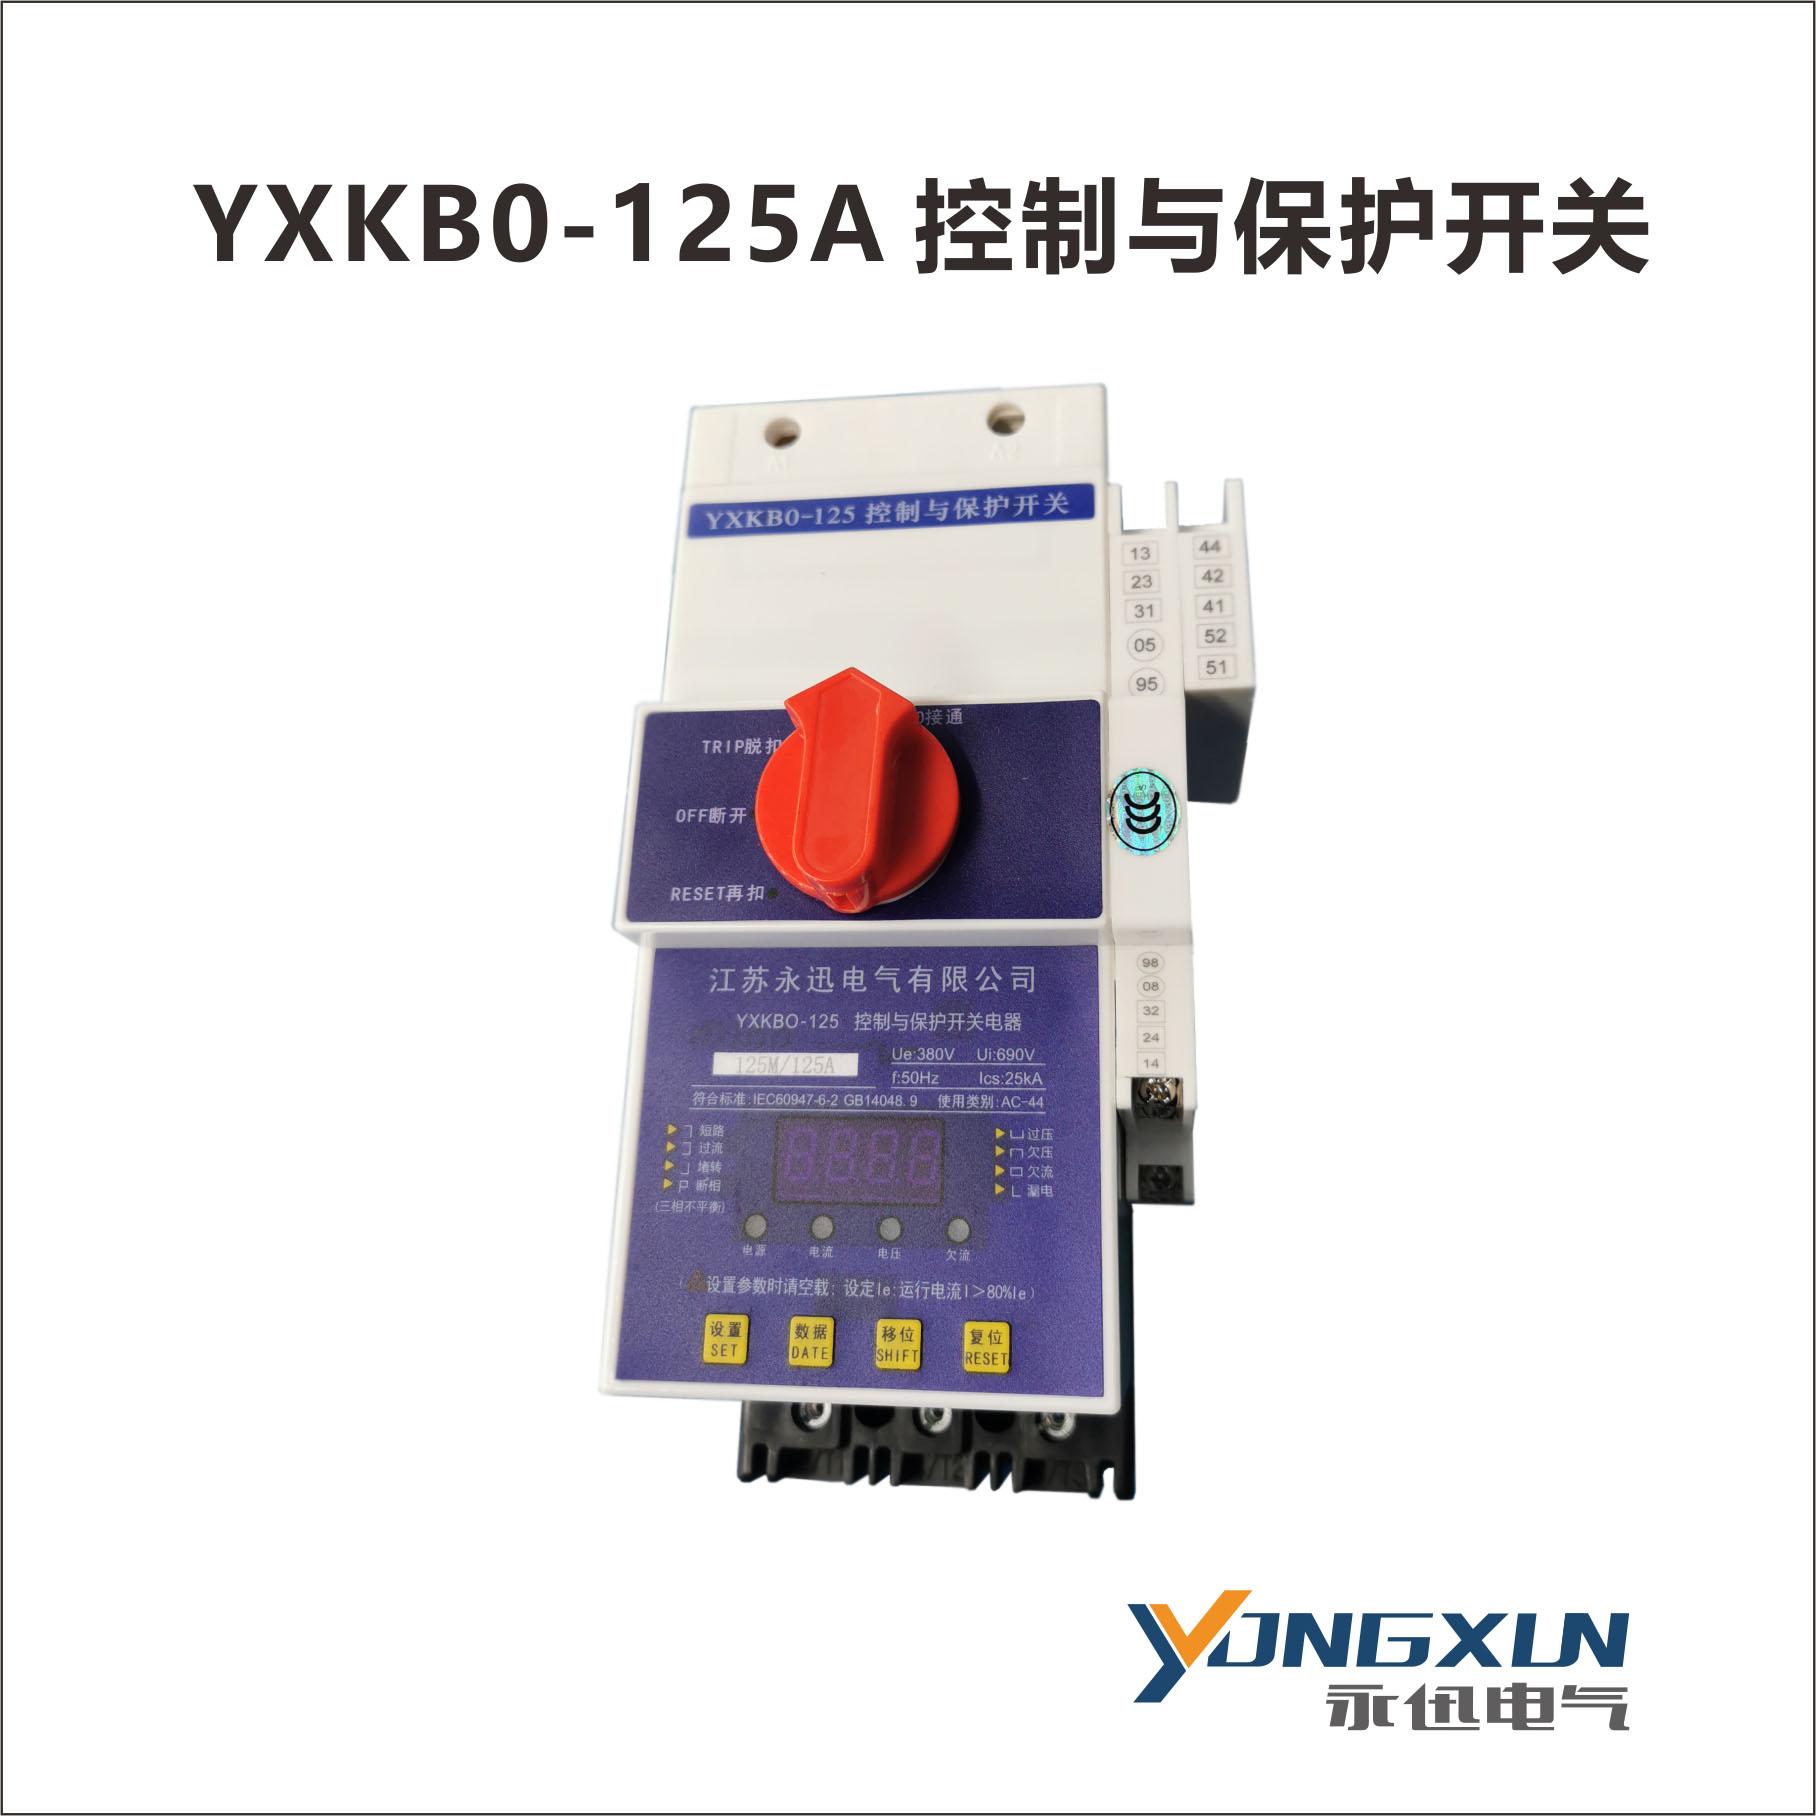 YXKB0-125系列控制与保护开关